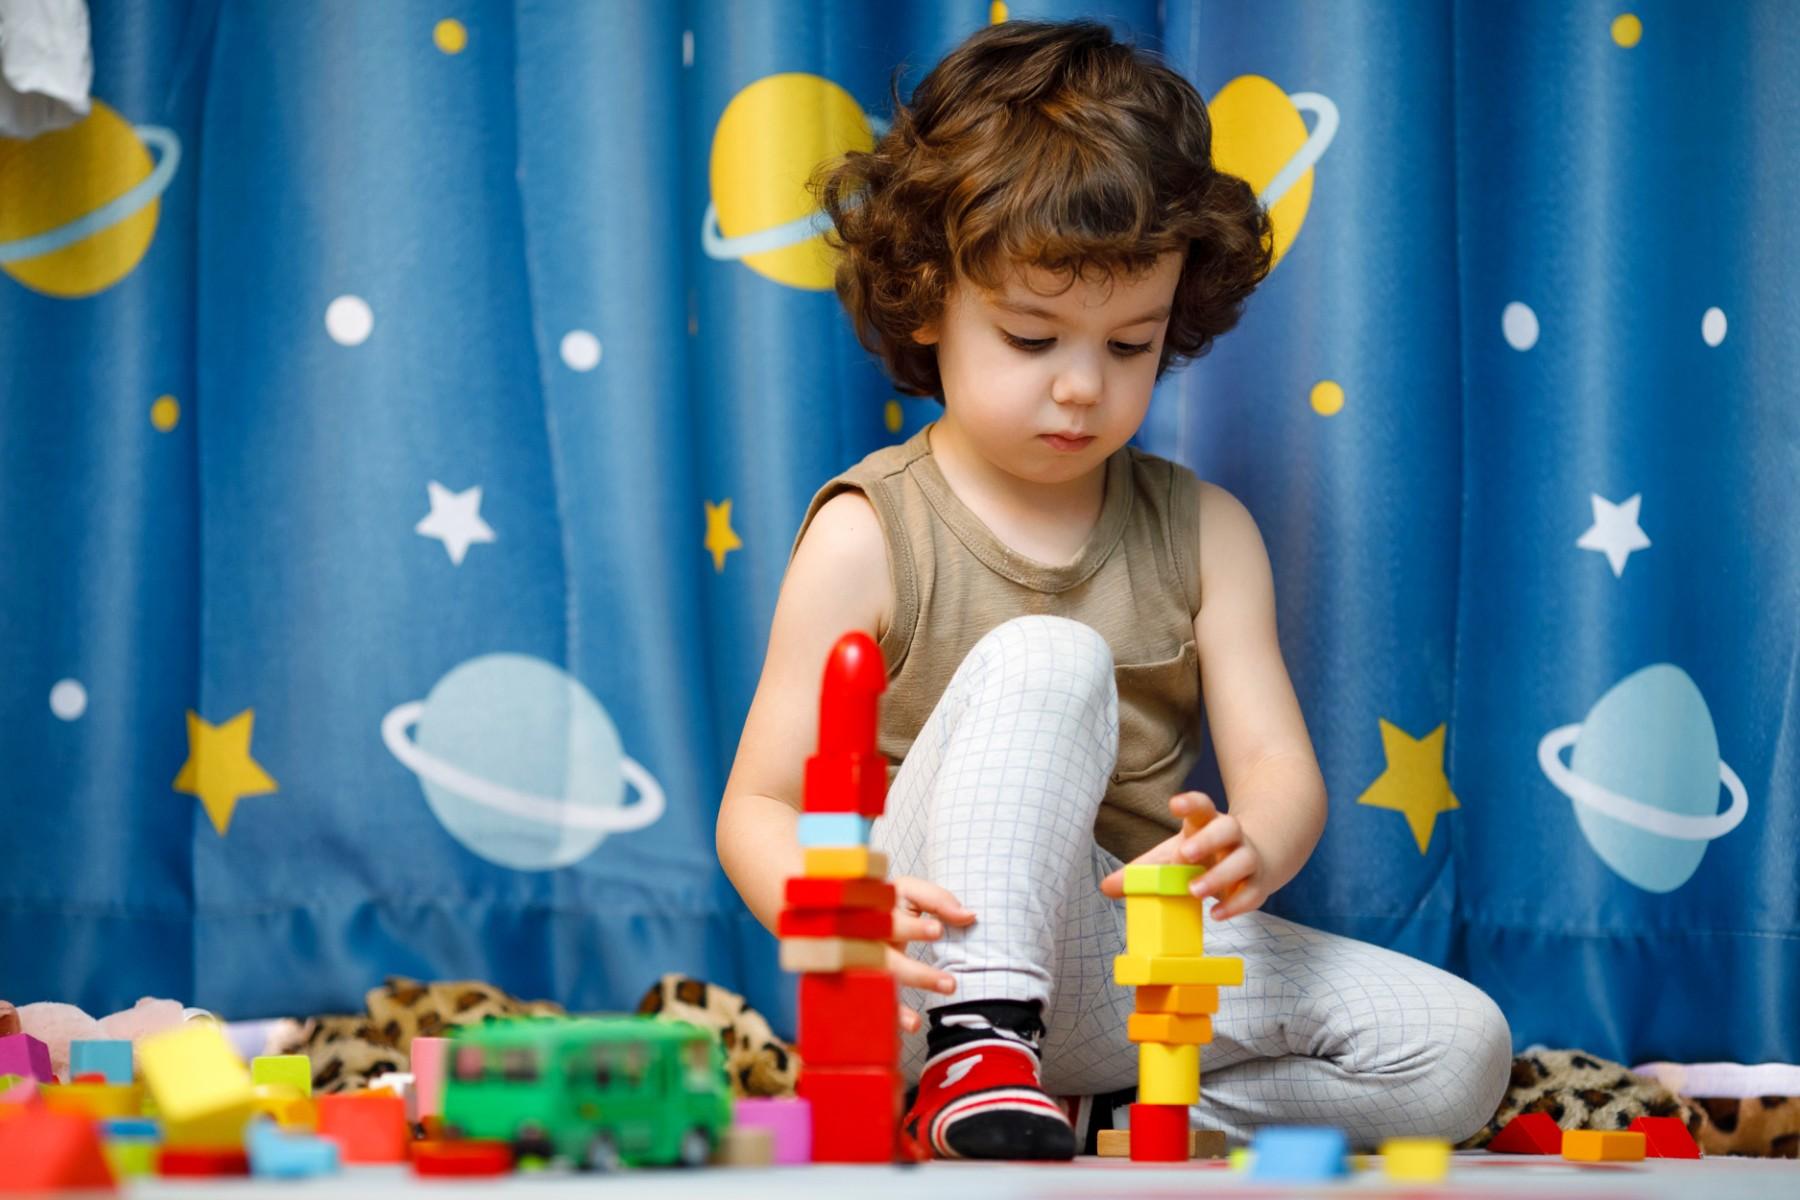 Центр здоров'я Solard - Нарушение психологического и речевого развития у ребенка - 45